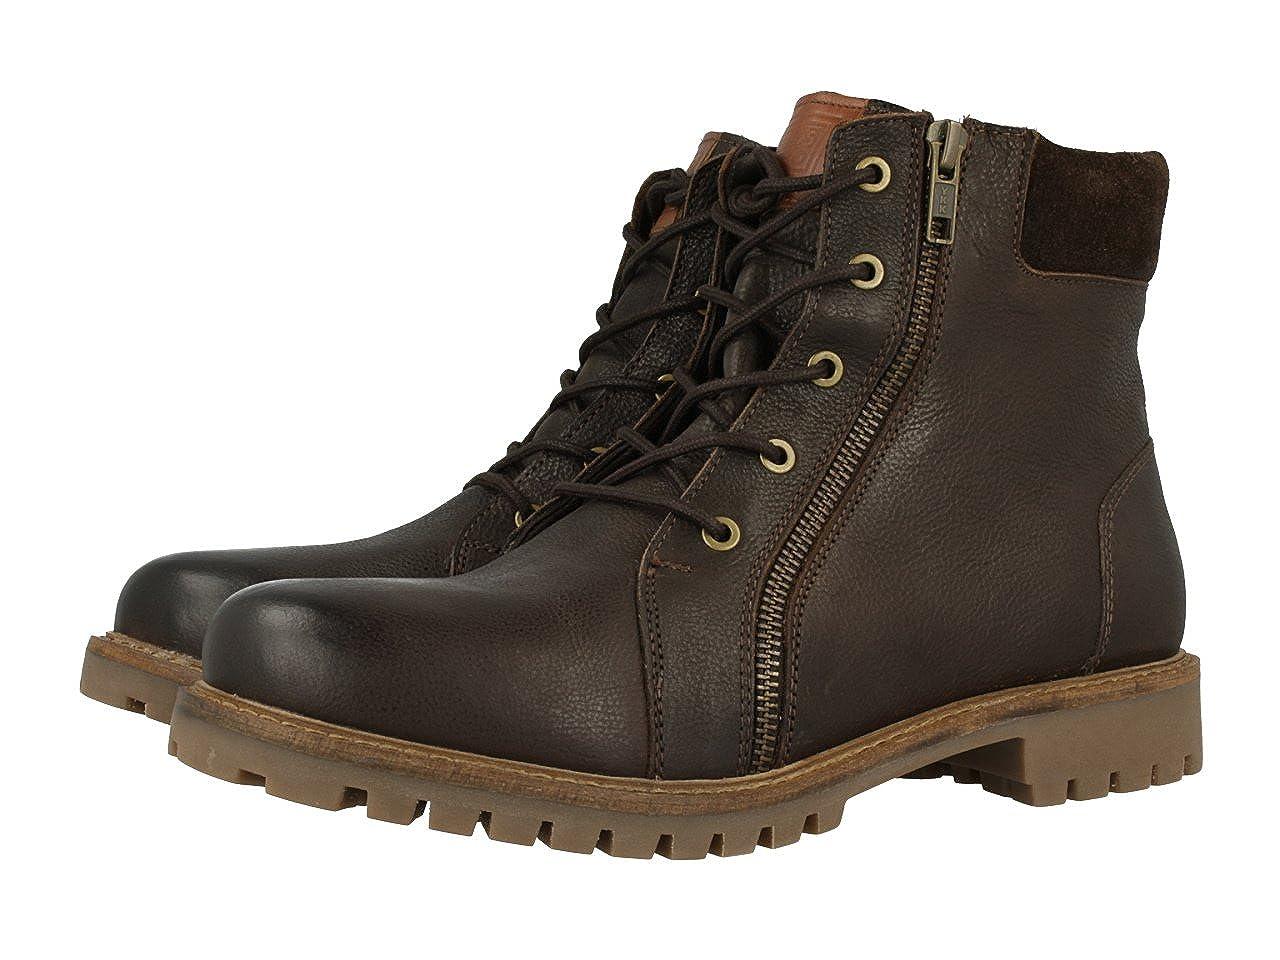 Gioseppo Cacique - Botas para Hombre